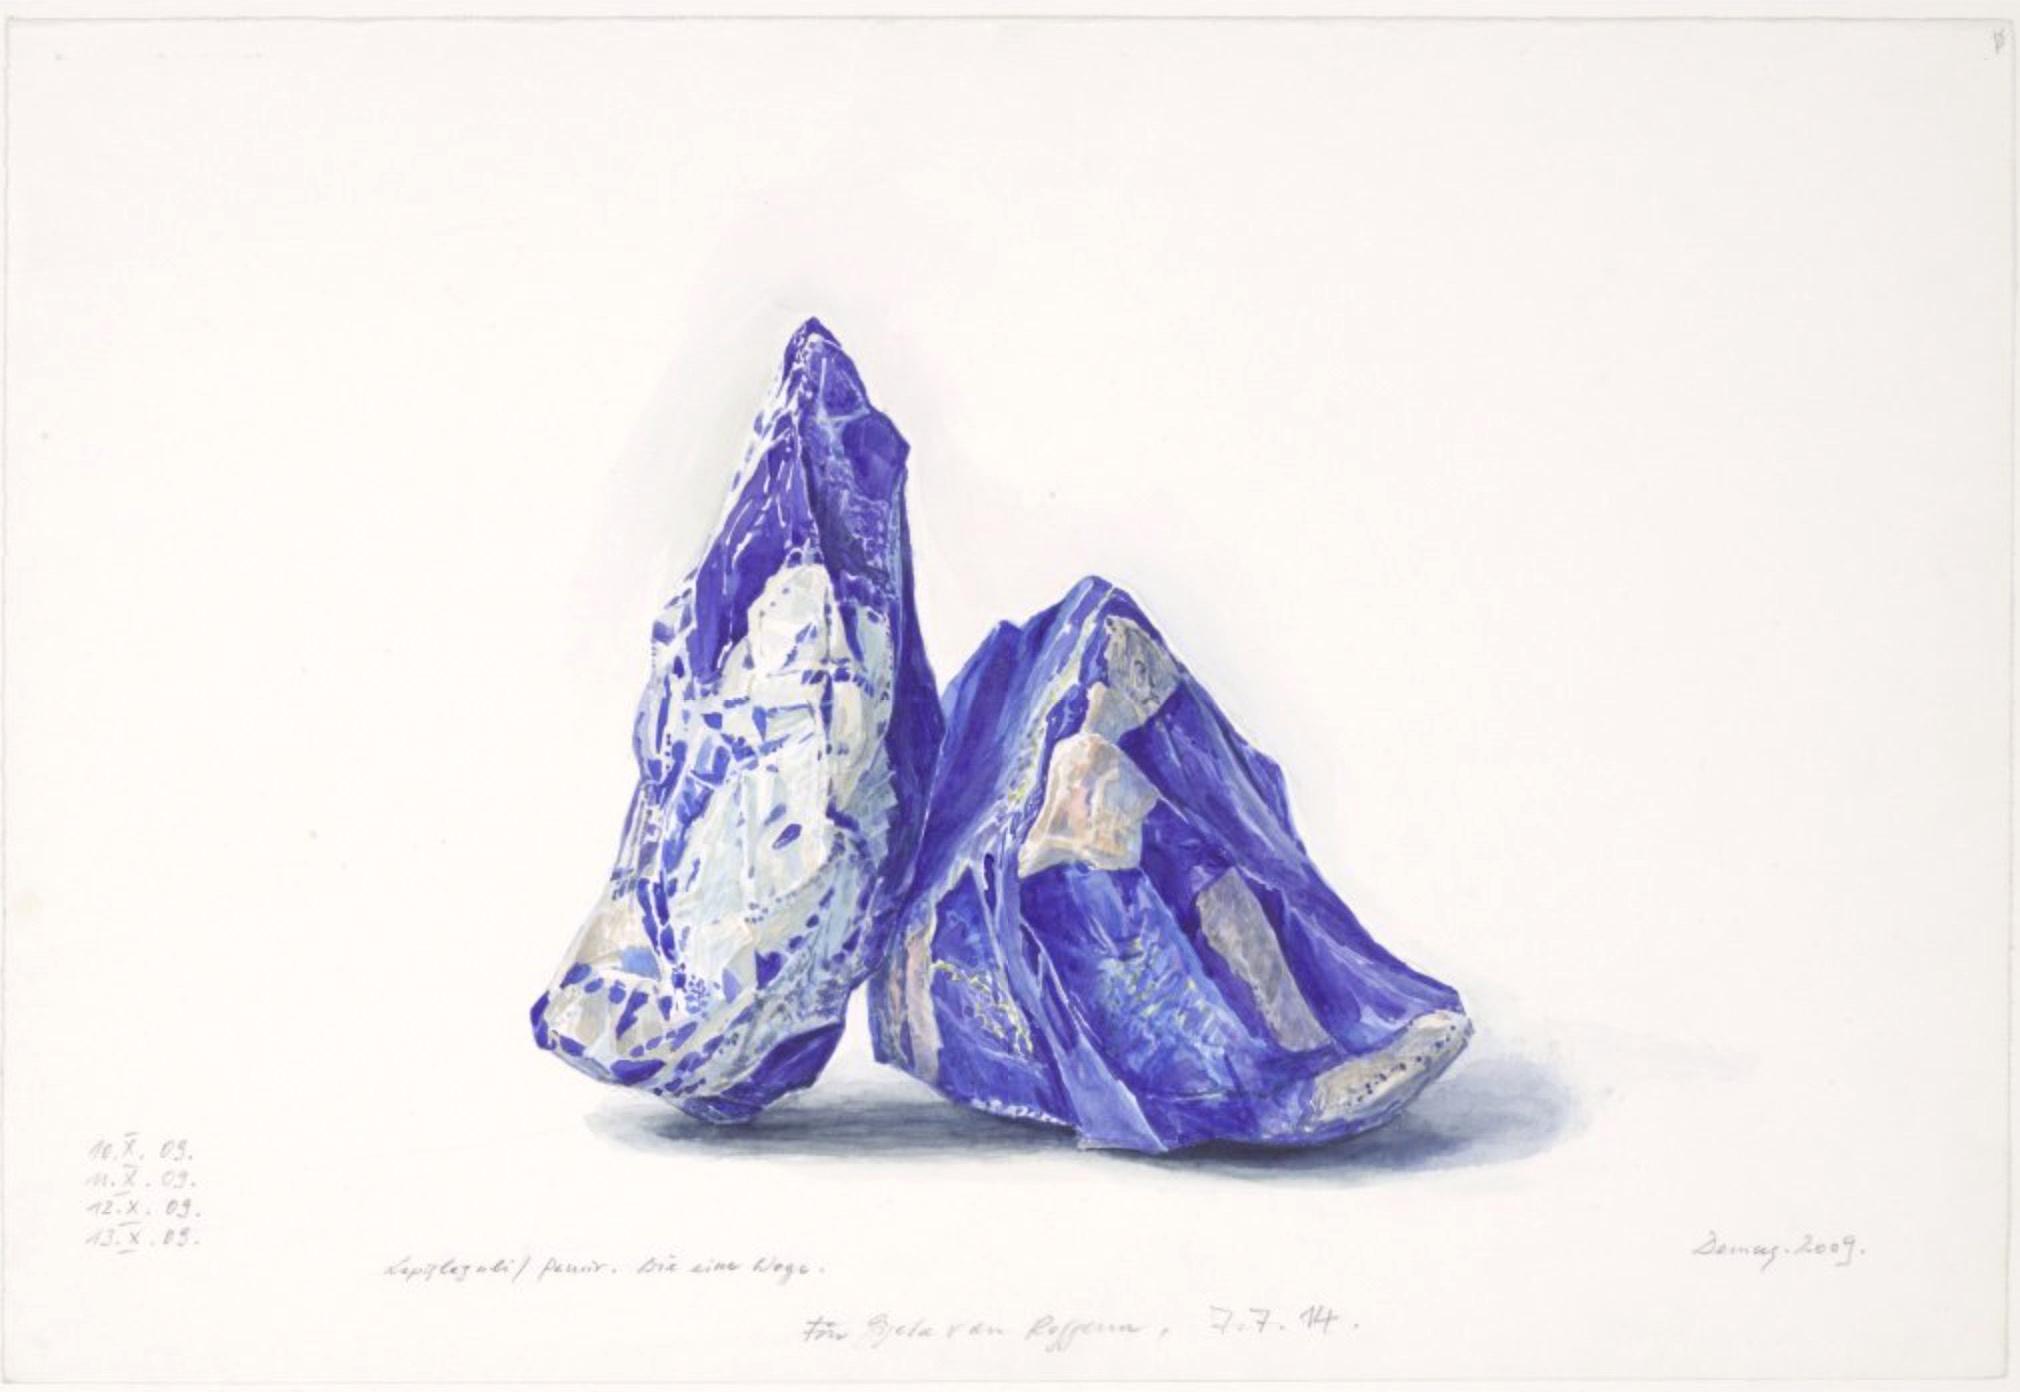 morceau de pierre bleue veinée peint à l'aquarelle